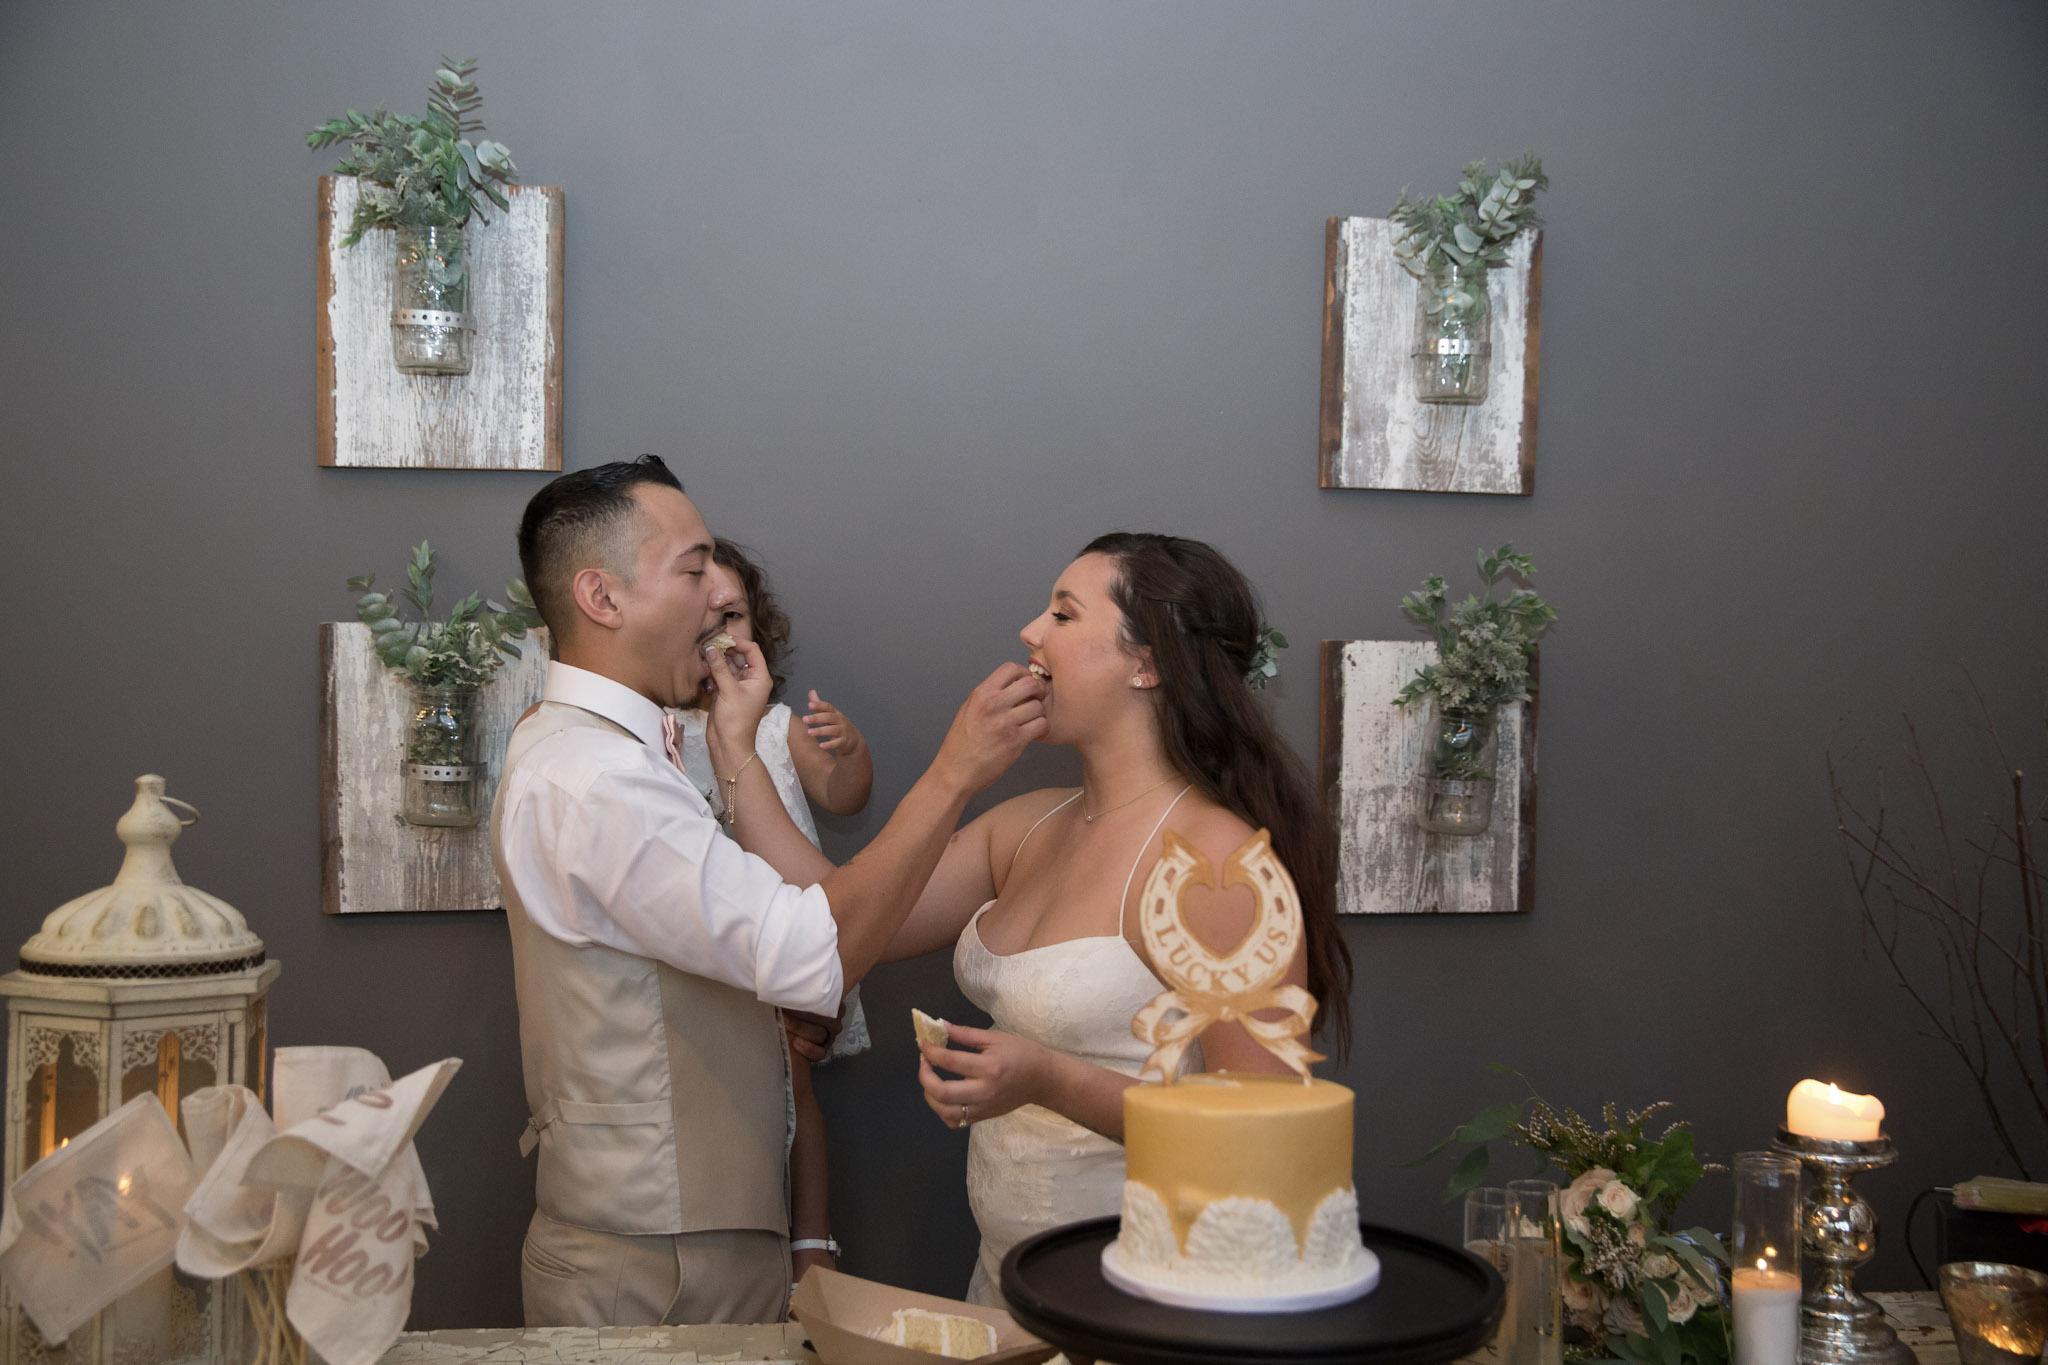 Kansas_City_Small_Intimate_Budget_Wedding_Venue_IMG-156.jpg